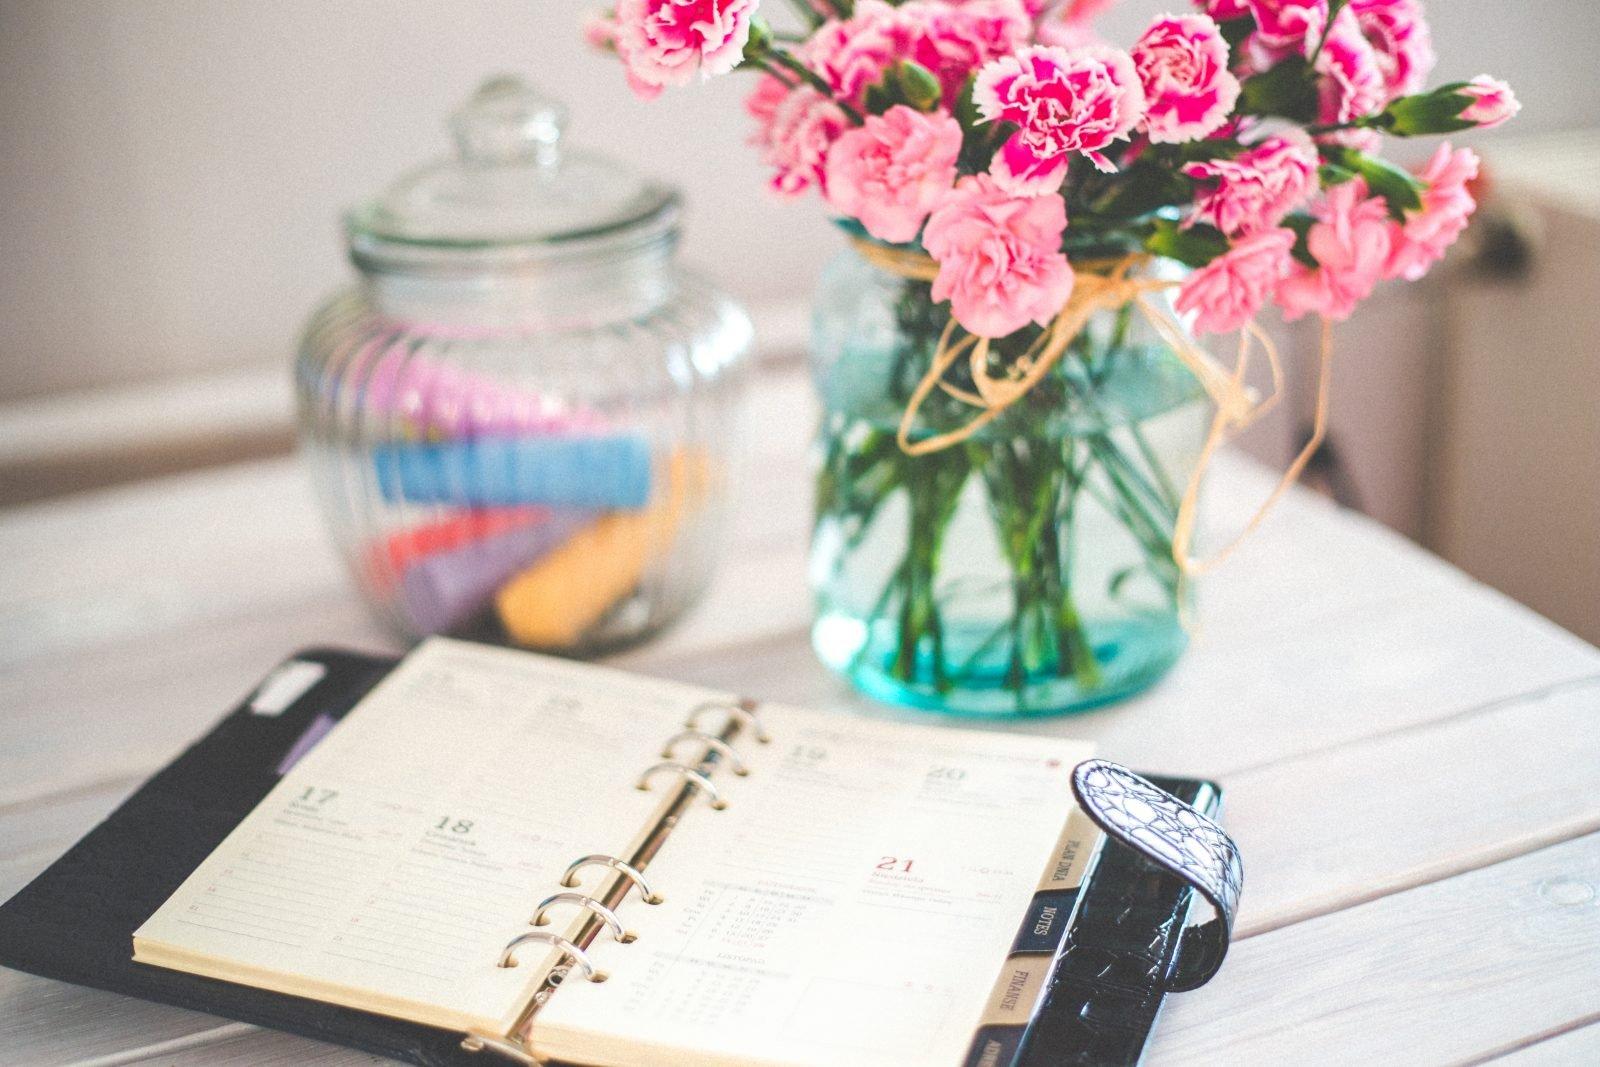 work from home online entrepreneur money freedom